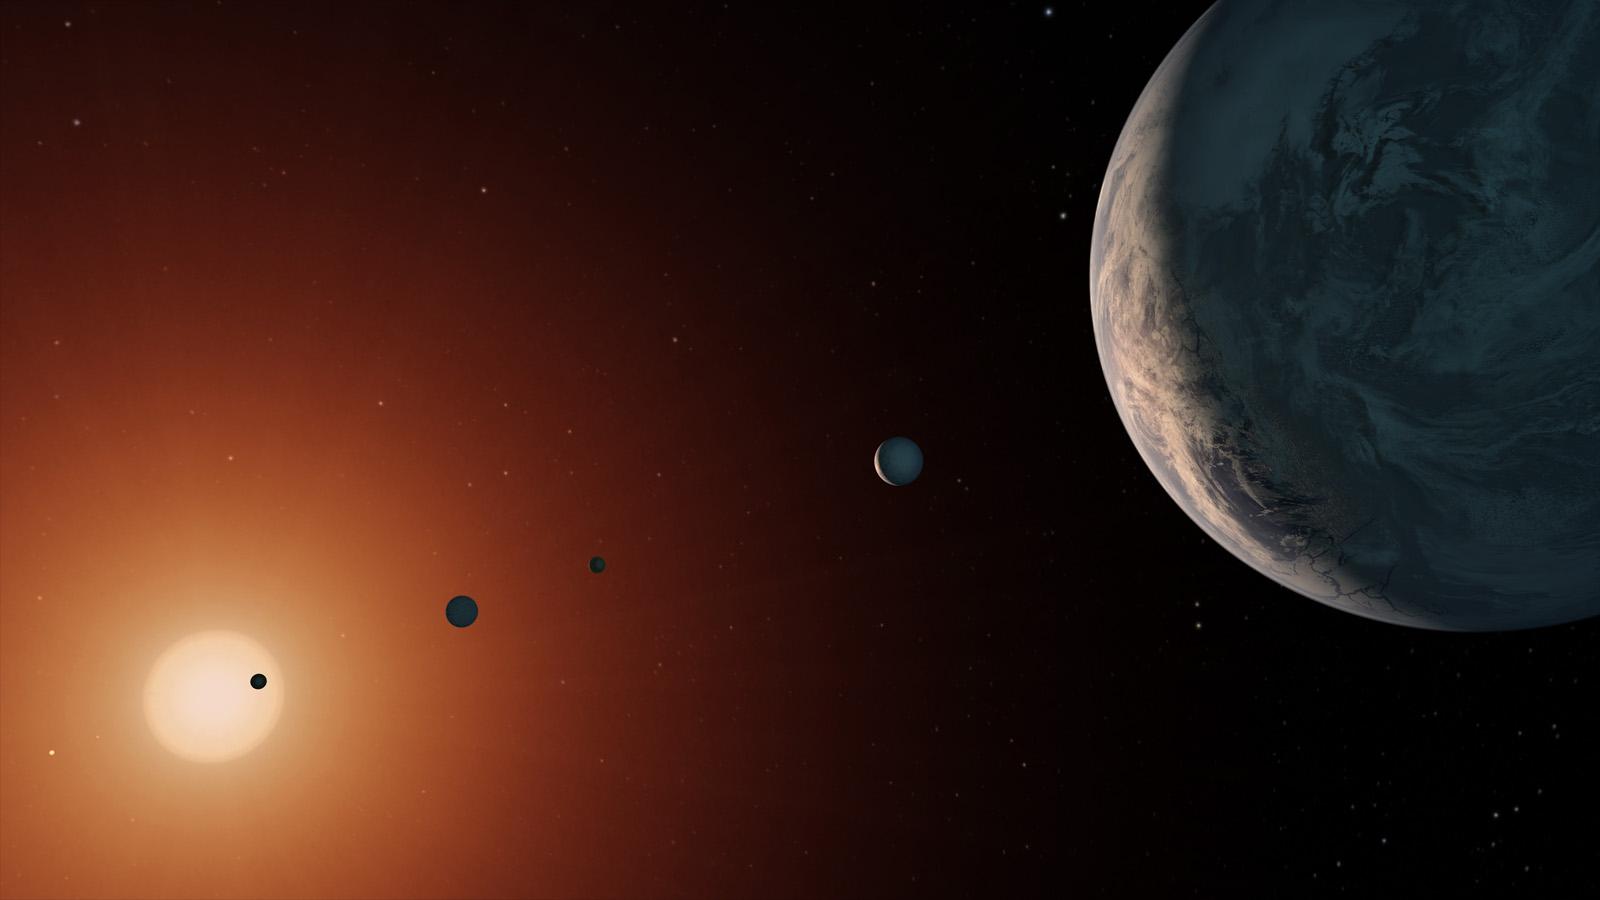 超级太阳系或拥有7颗宜居带行星,地外生命概率大大增加-第1张图片-IT新视野